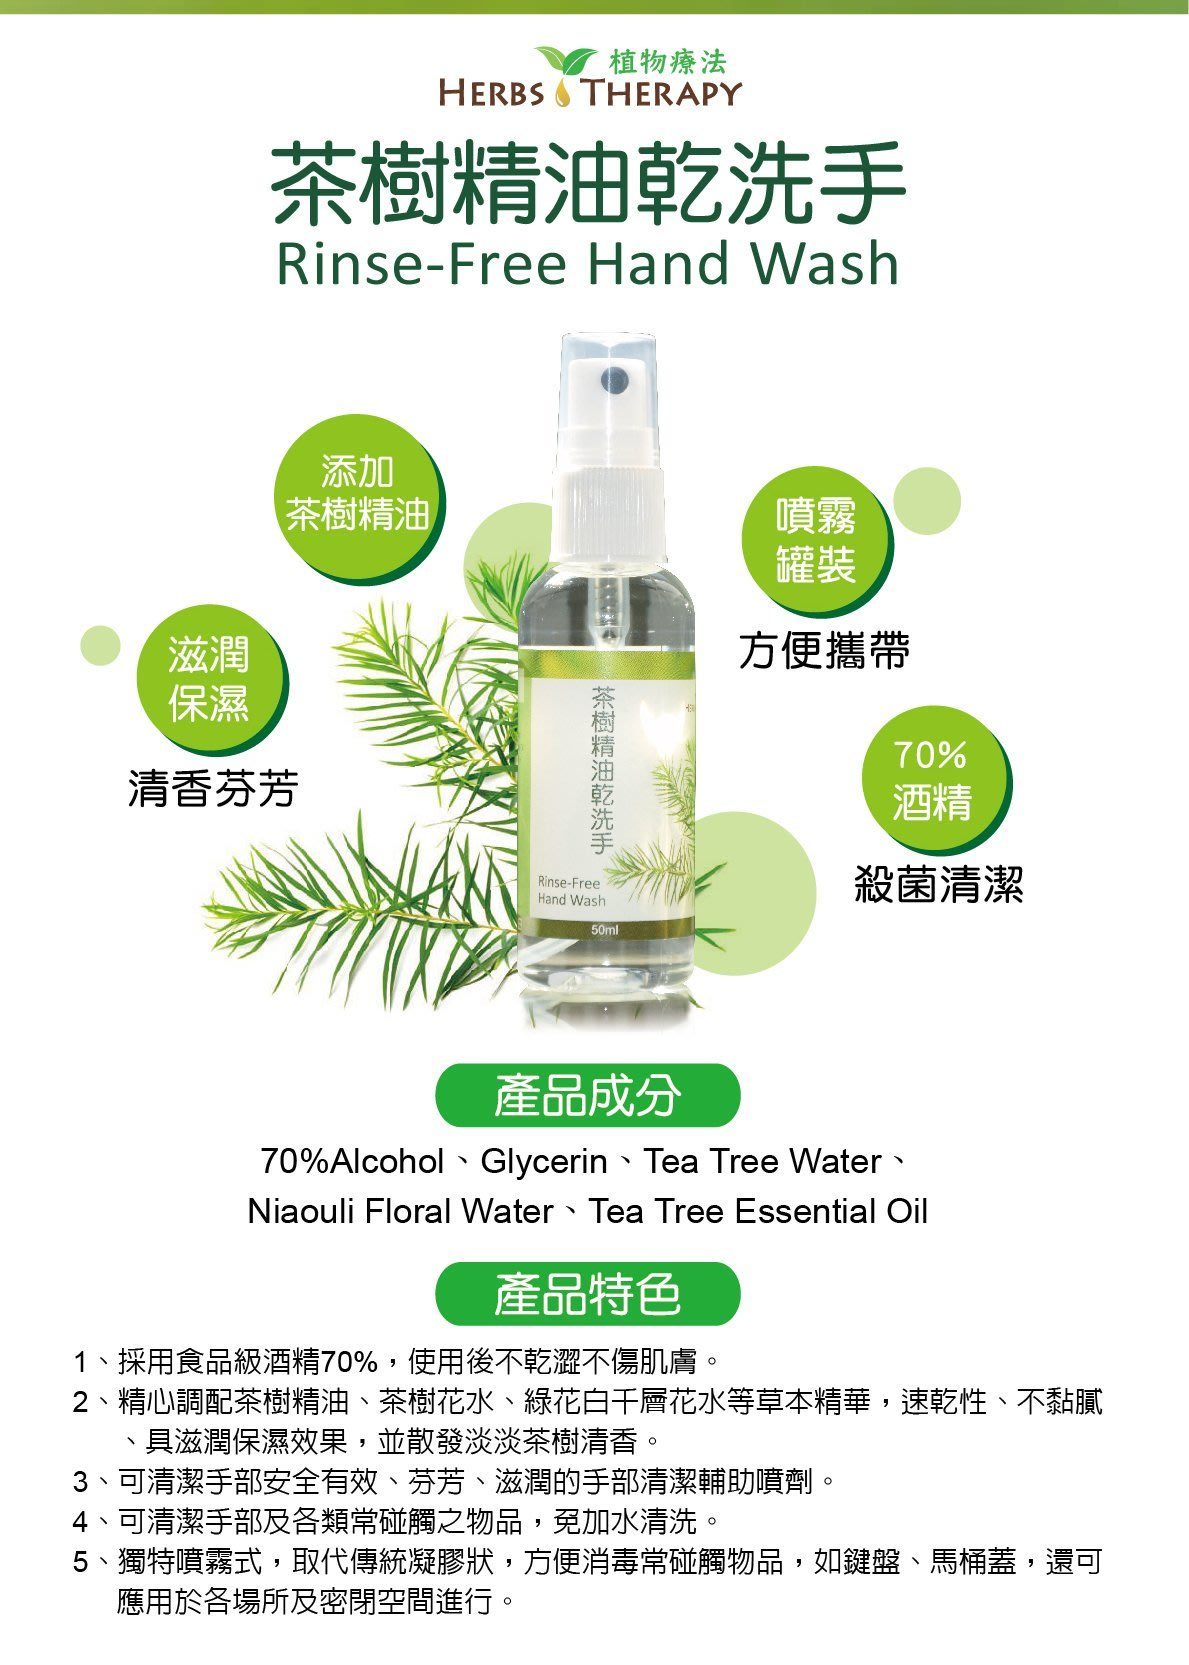 茶樹精油乾洗手 50ml 3瓶組 = 150ml  台灣製造 現貨 $299